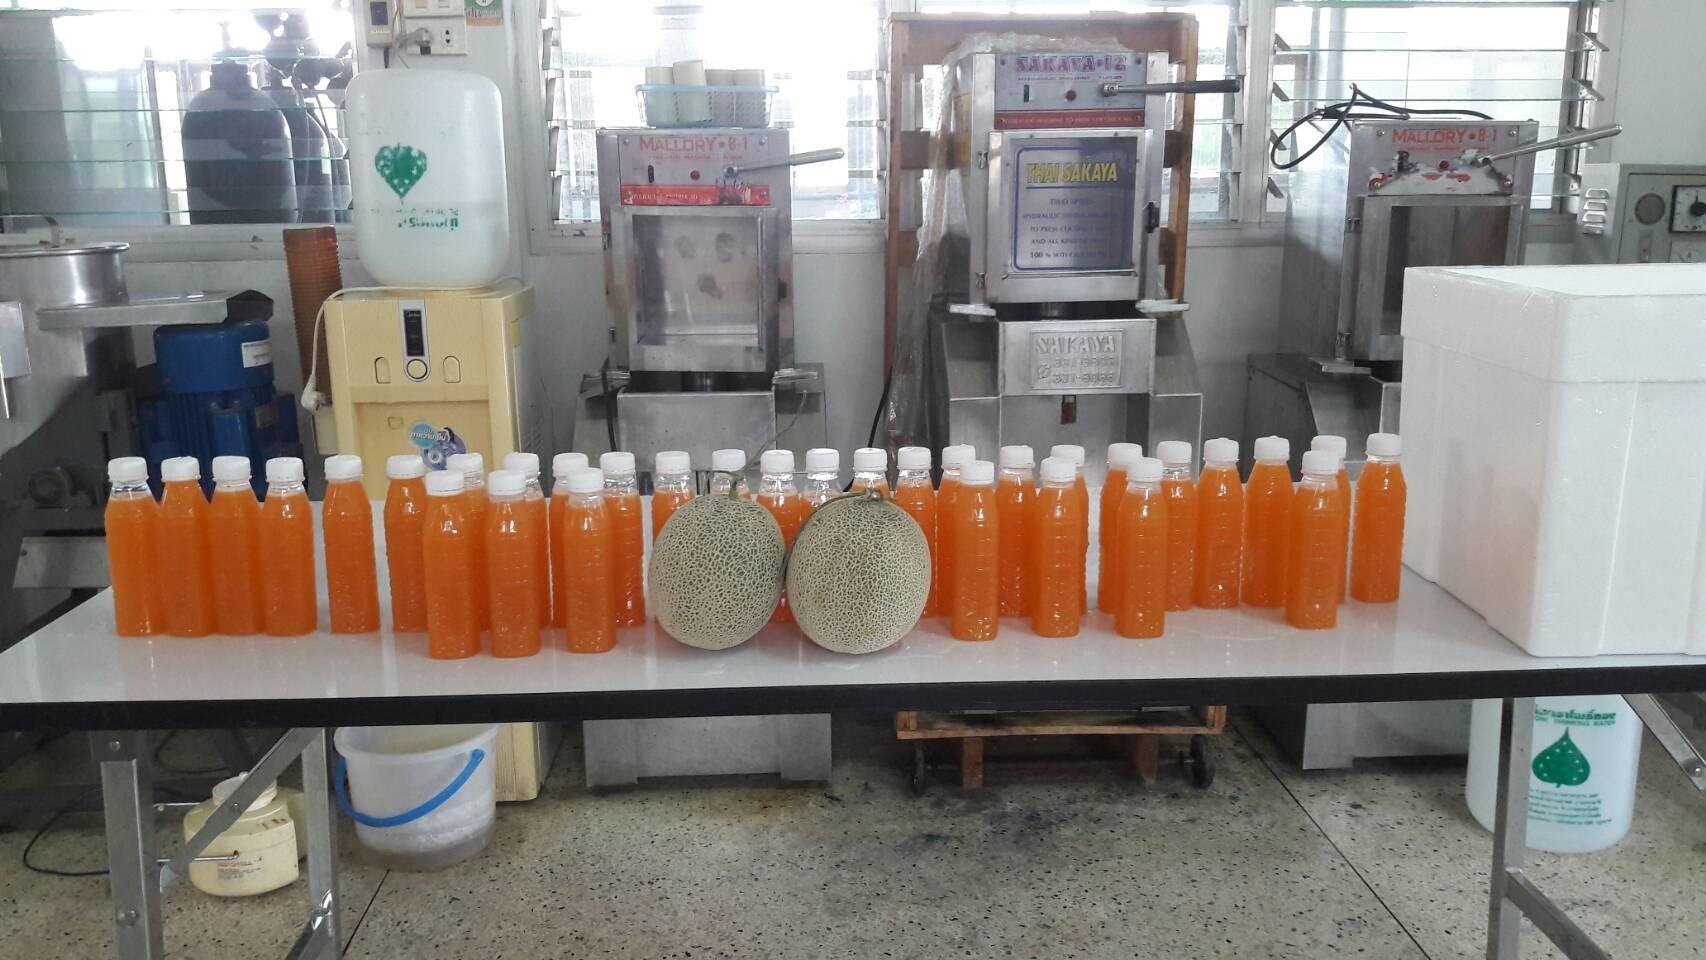 อาจารย์ มร.ล้านนา ลำปาง เป็นวิทยากรฝึกอบรมเชิงปฏิบัติการ การทำน้ำแตงเมล่อน